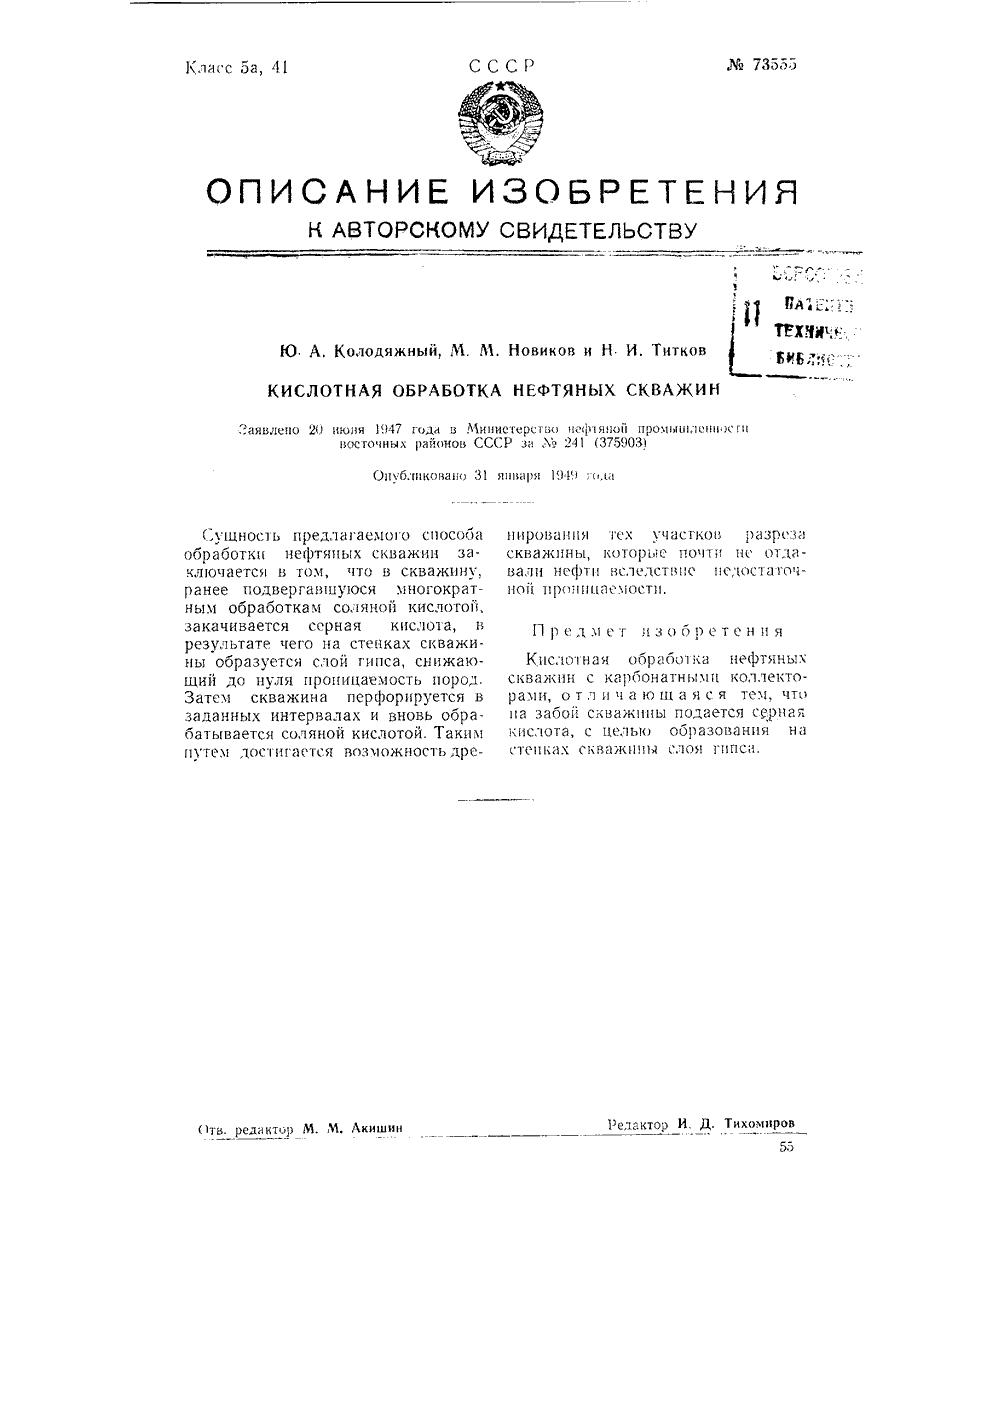 соляно-кислотная обработка скважины схема